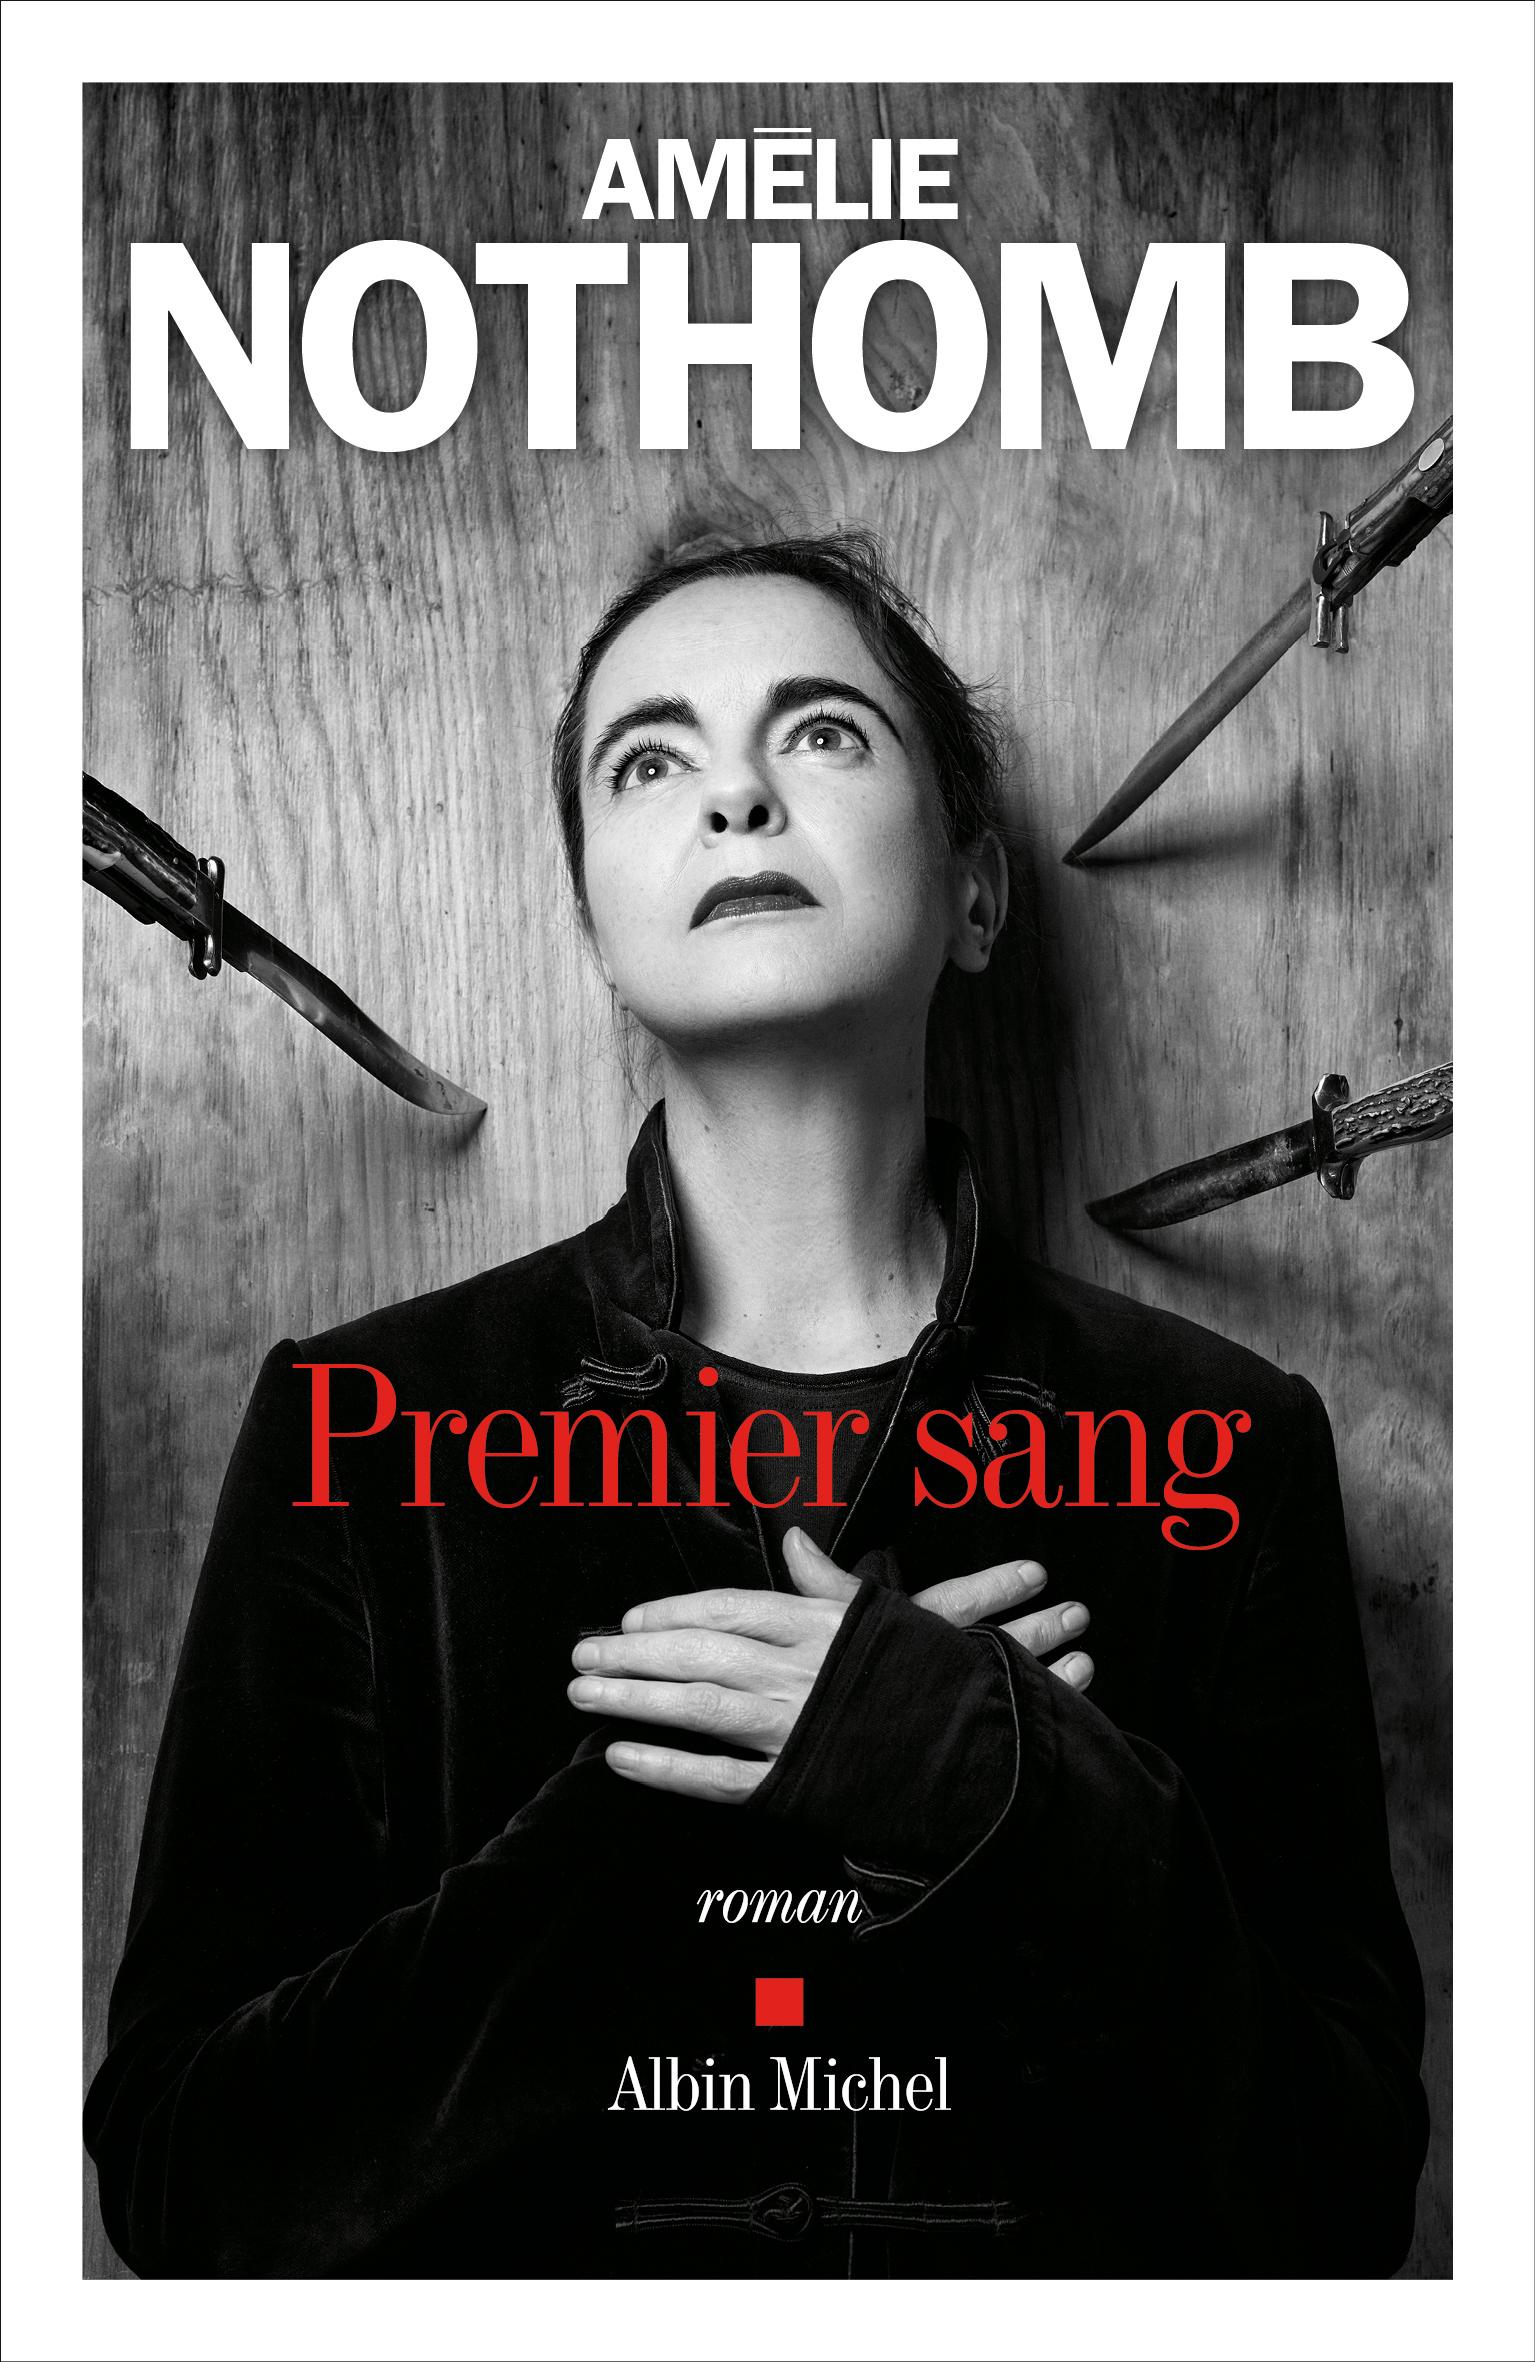 Amélie Nothomb présente son 30ème roman, Premier sang